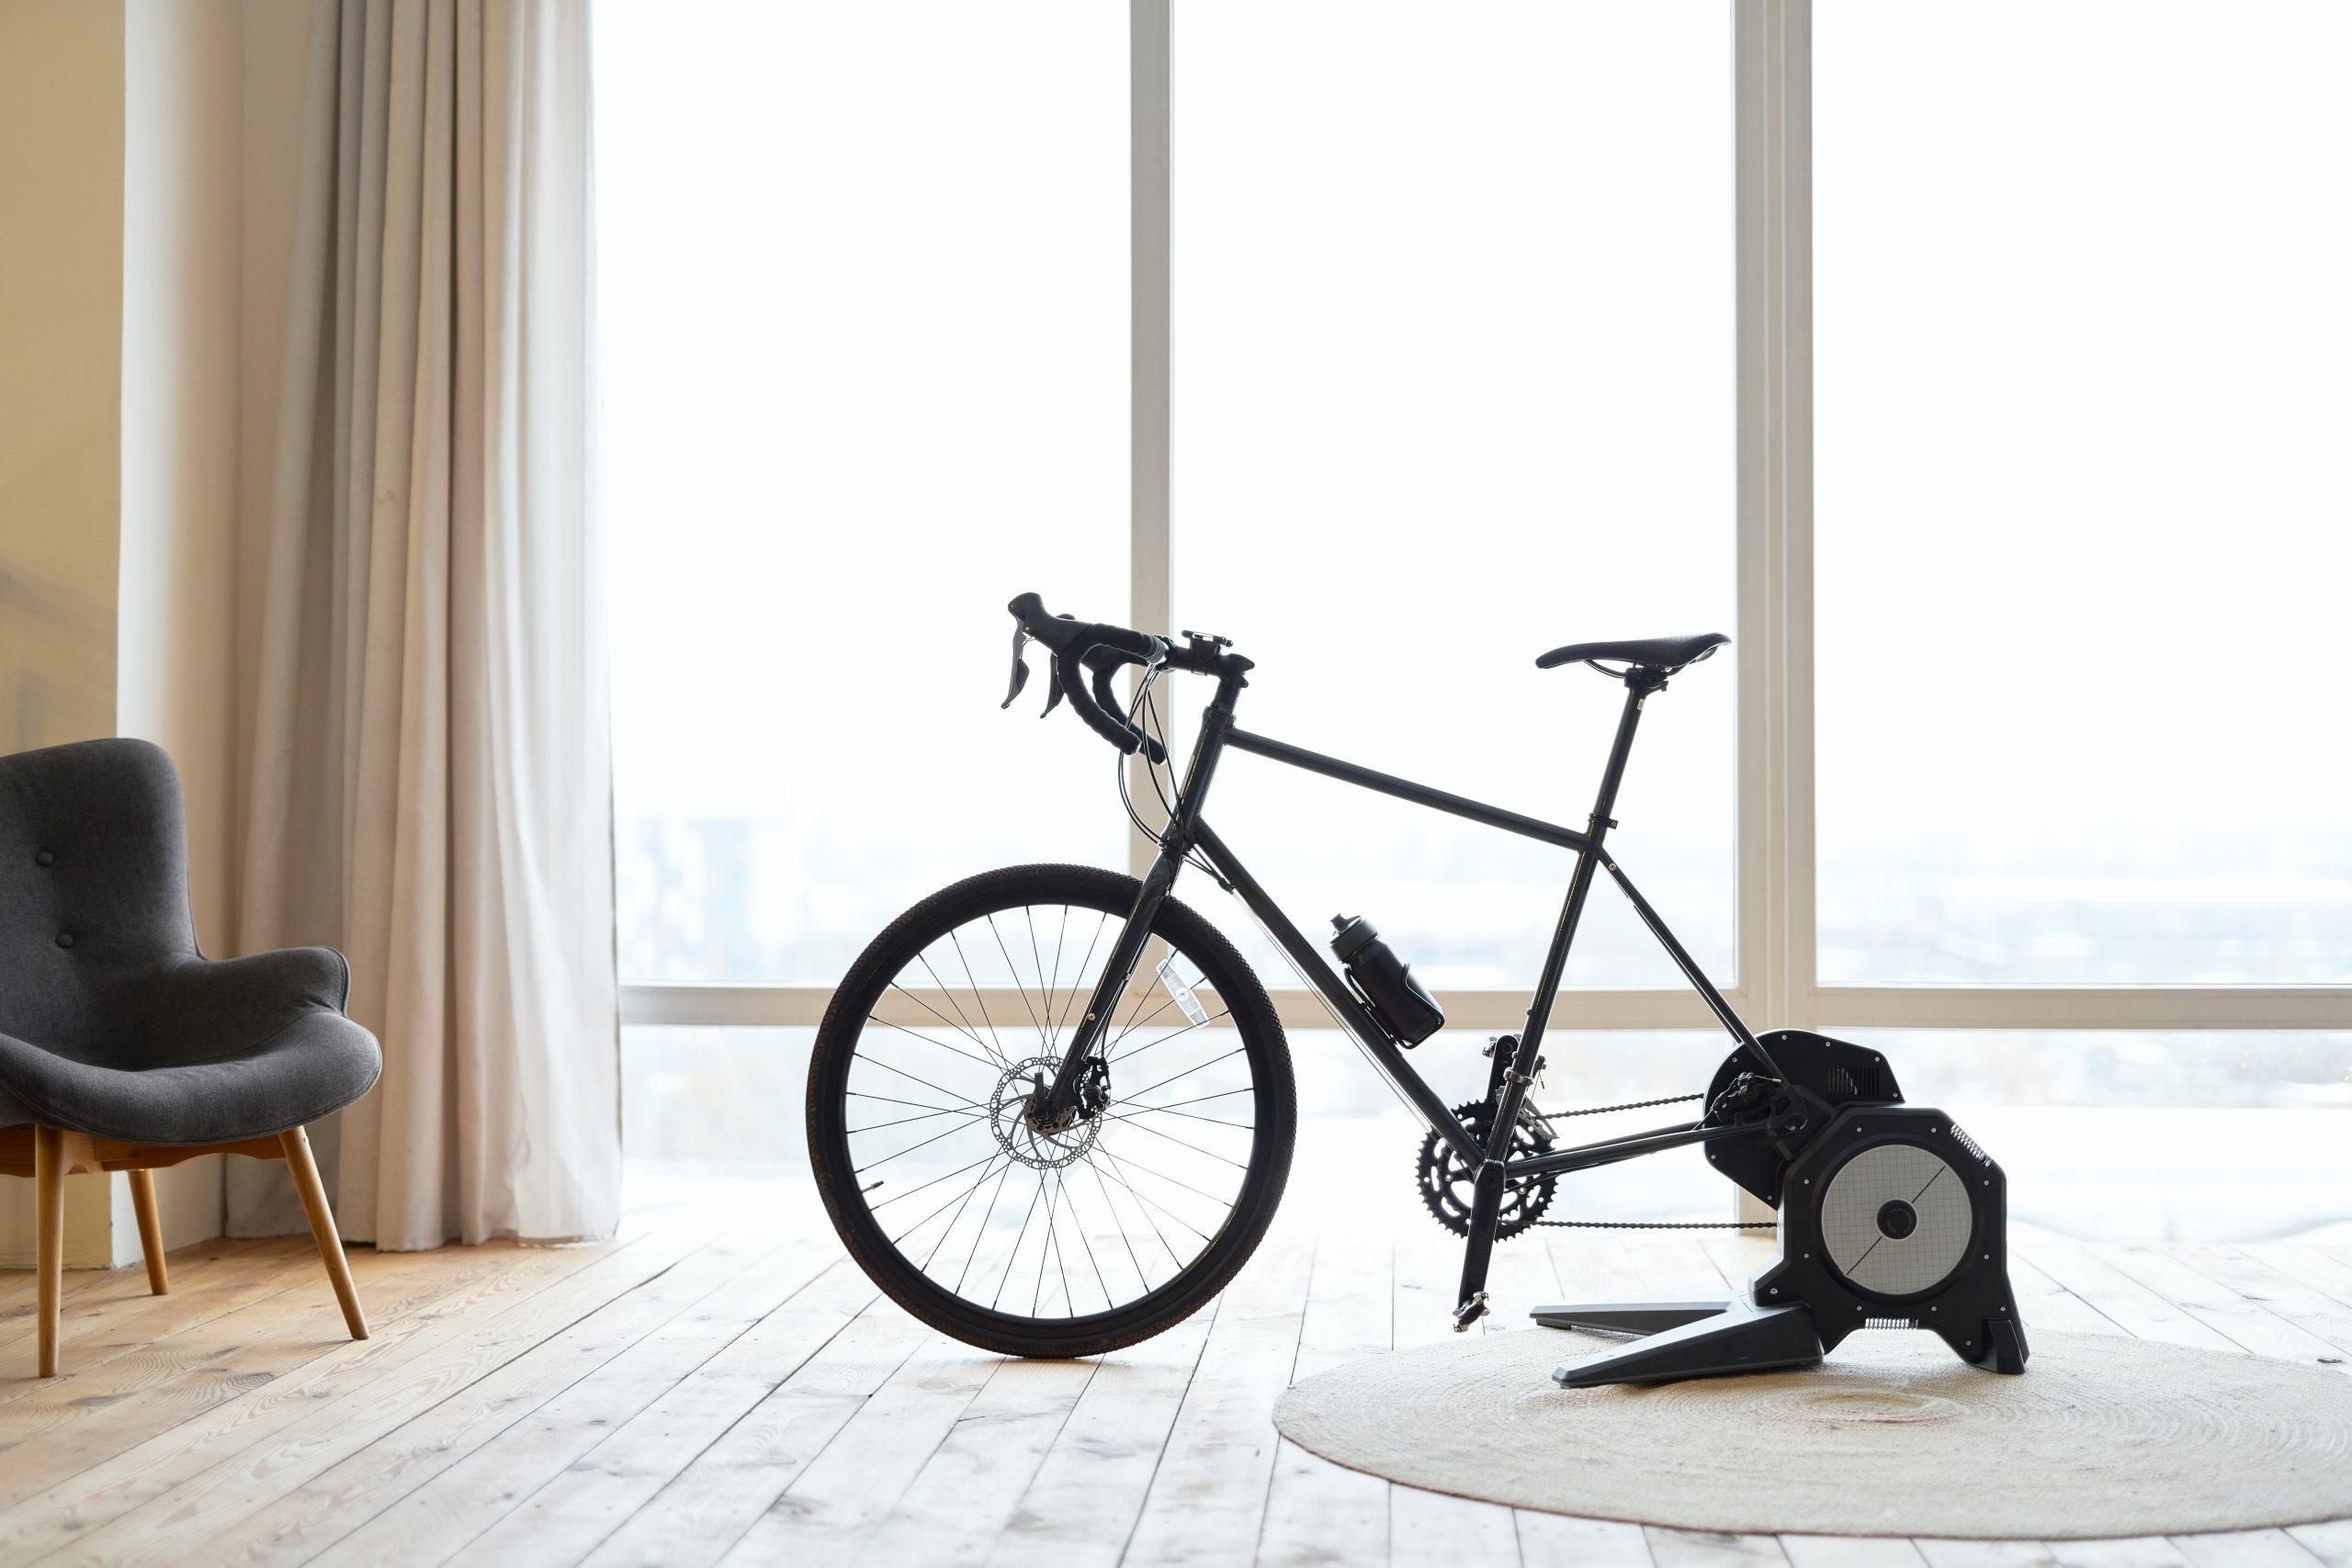 choisir un vélo d'appartement le plus adapté critère primordial